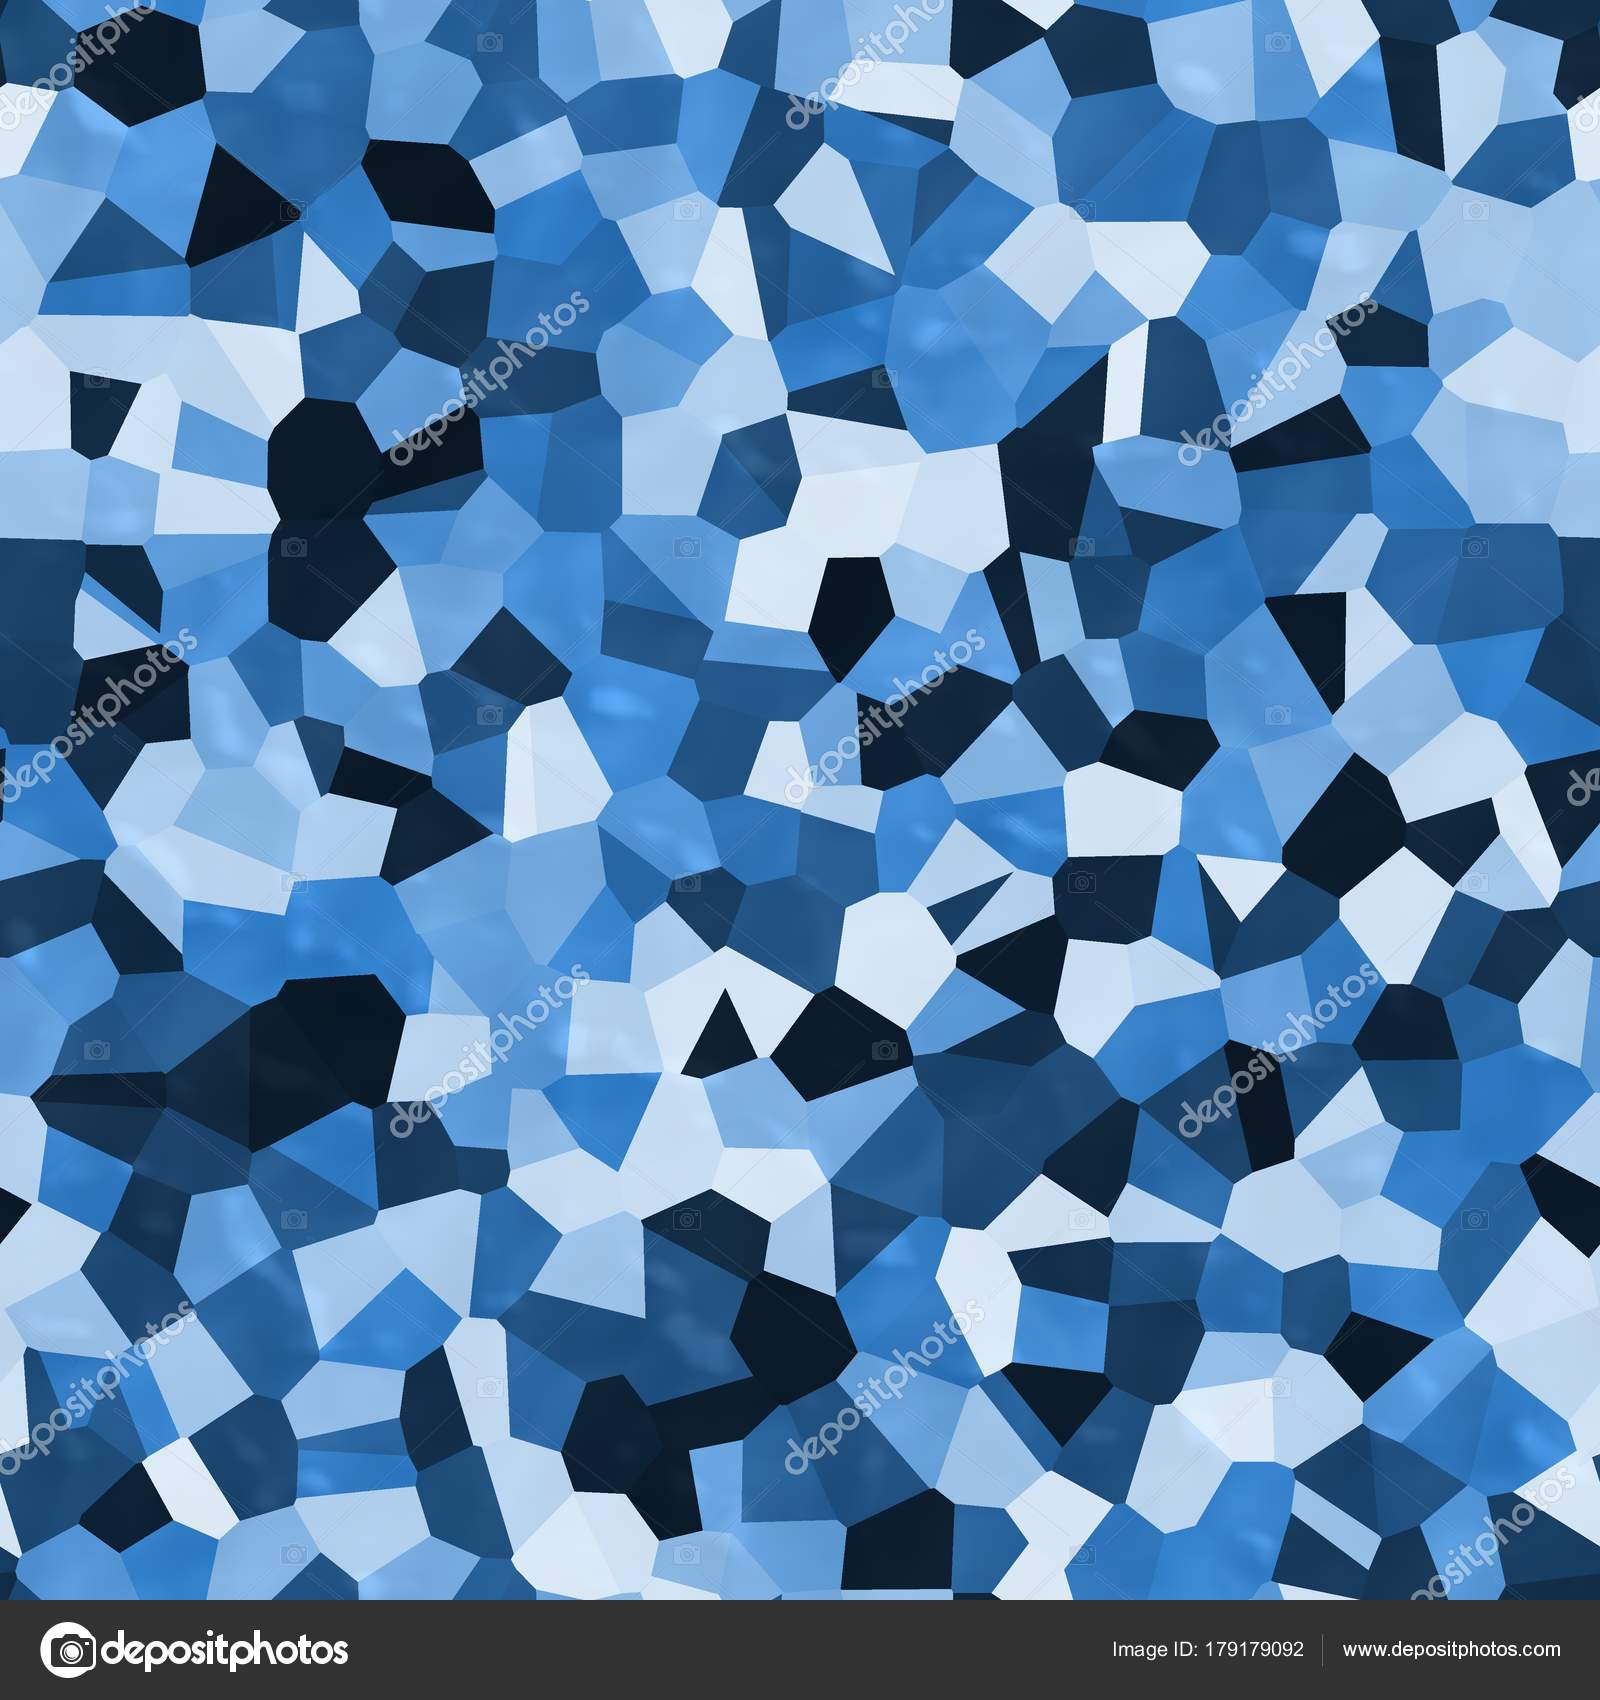 Formas azules abstractos fondo moderno en 3d textura camuflaje ...